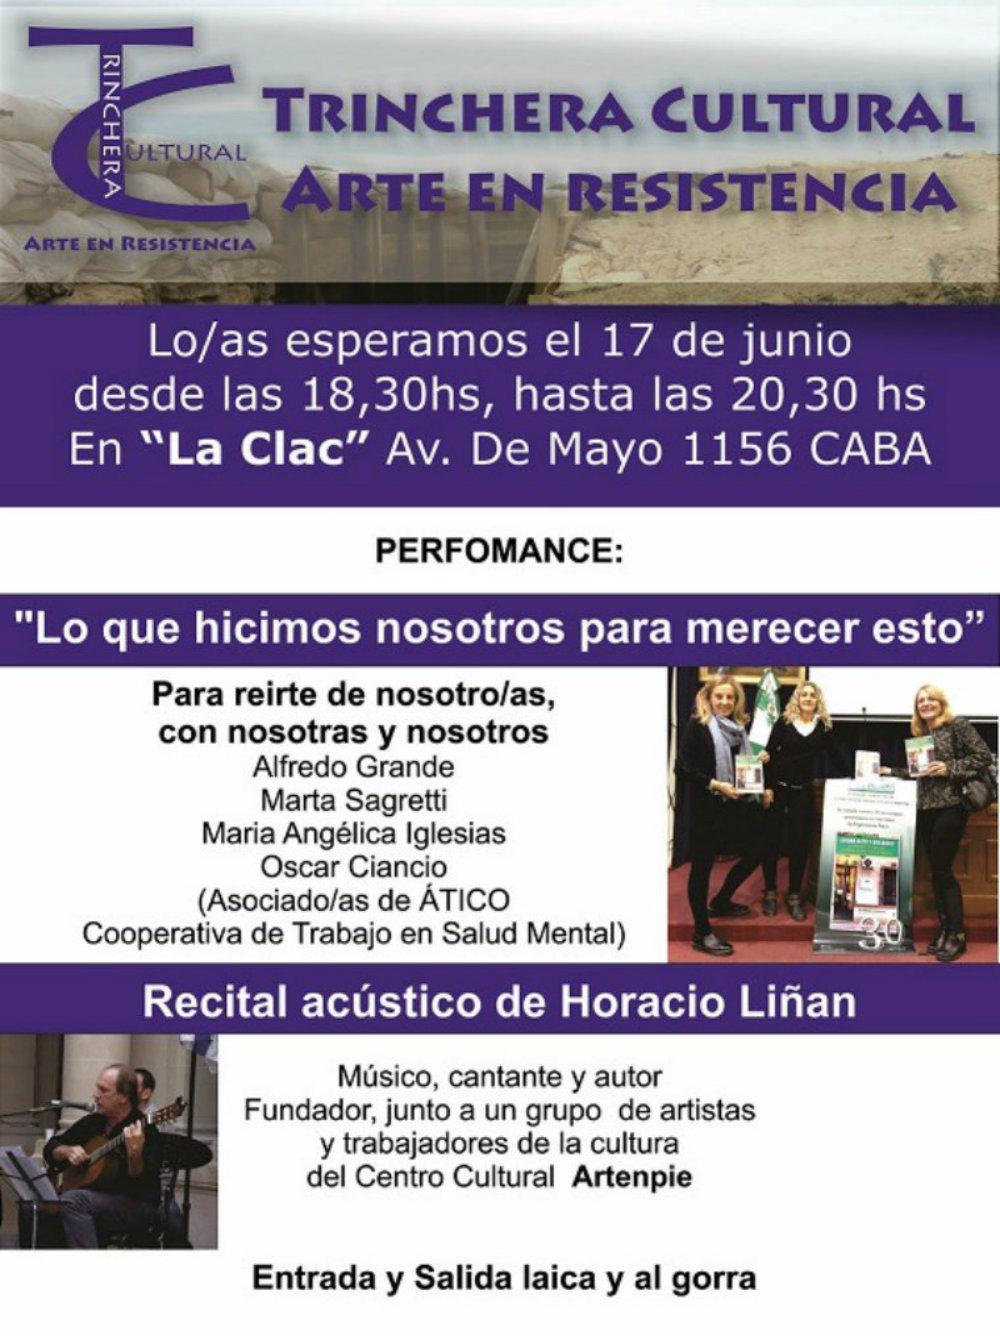 Trinchera Cultural:3 Espectáculos el sábado 1 de julio en La Clac